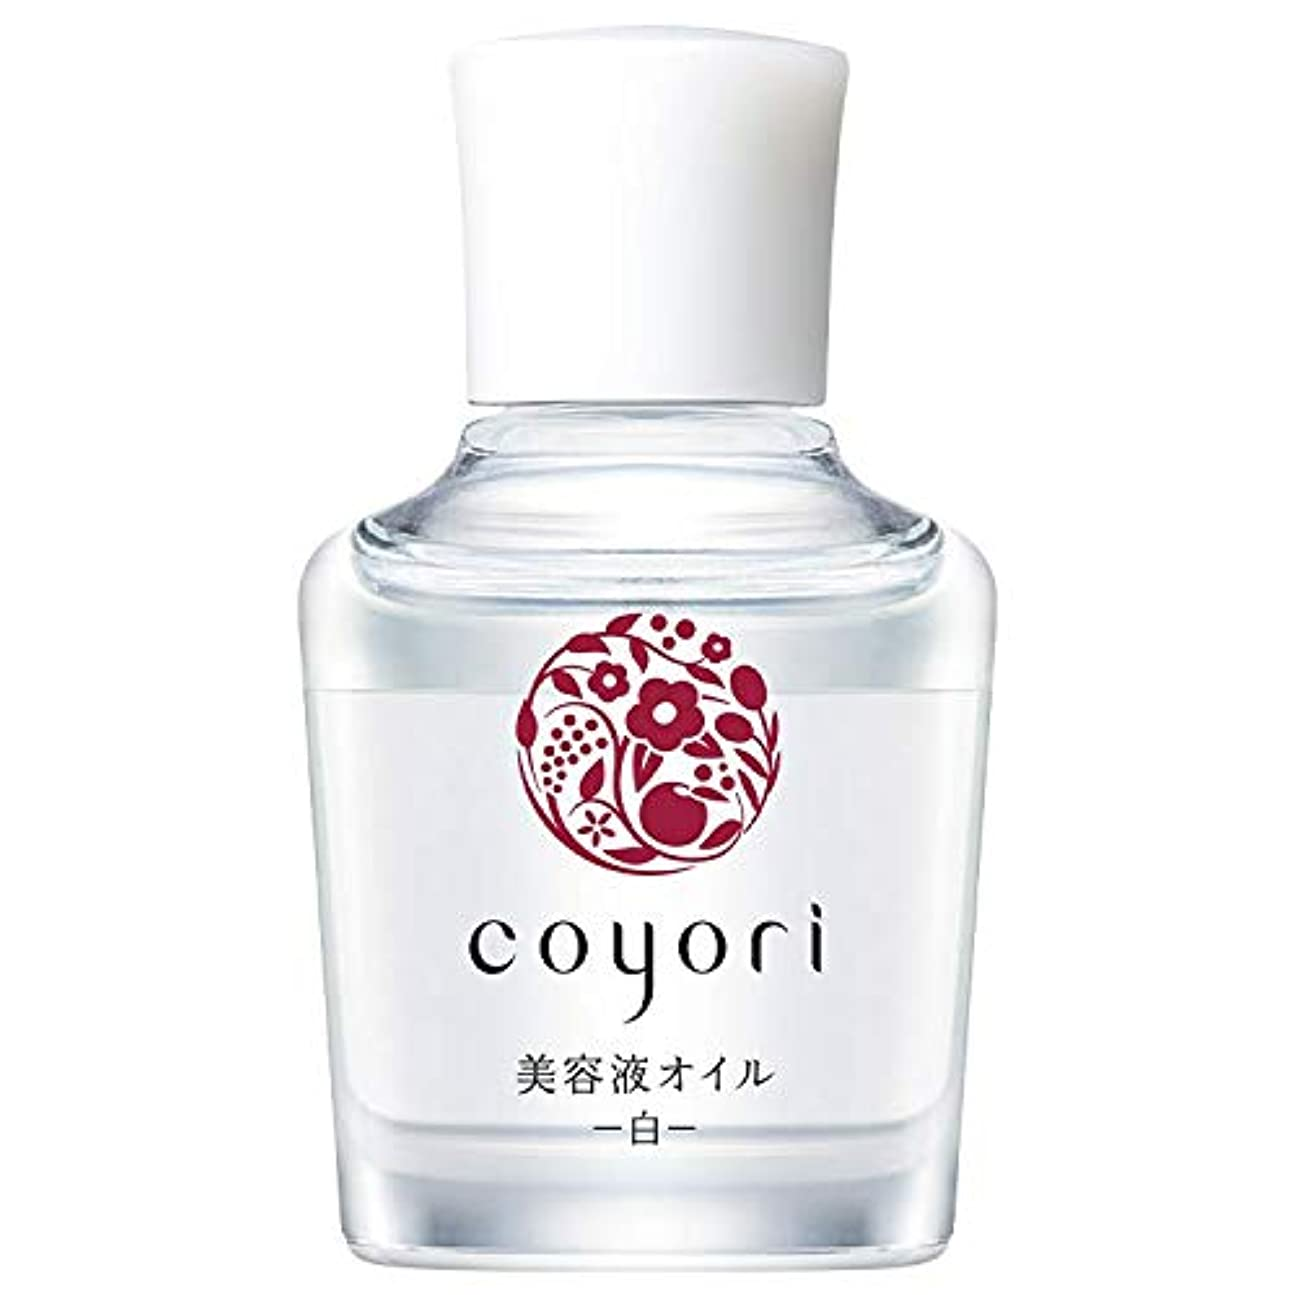 瞳脈拍制裁[公式] コヨリ 美容液オイル-白- 20mL 無添加[高機能 自然派 エイジングケア 乾燥肌 敏感肌 くすみ 乾燥 小じわ 対策用 もっちり ハリ ツヤ フェイスオイル ]